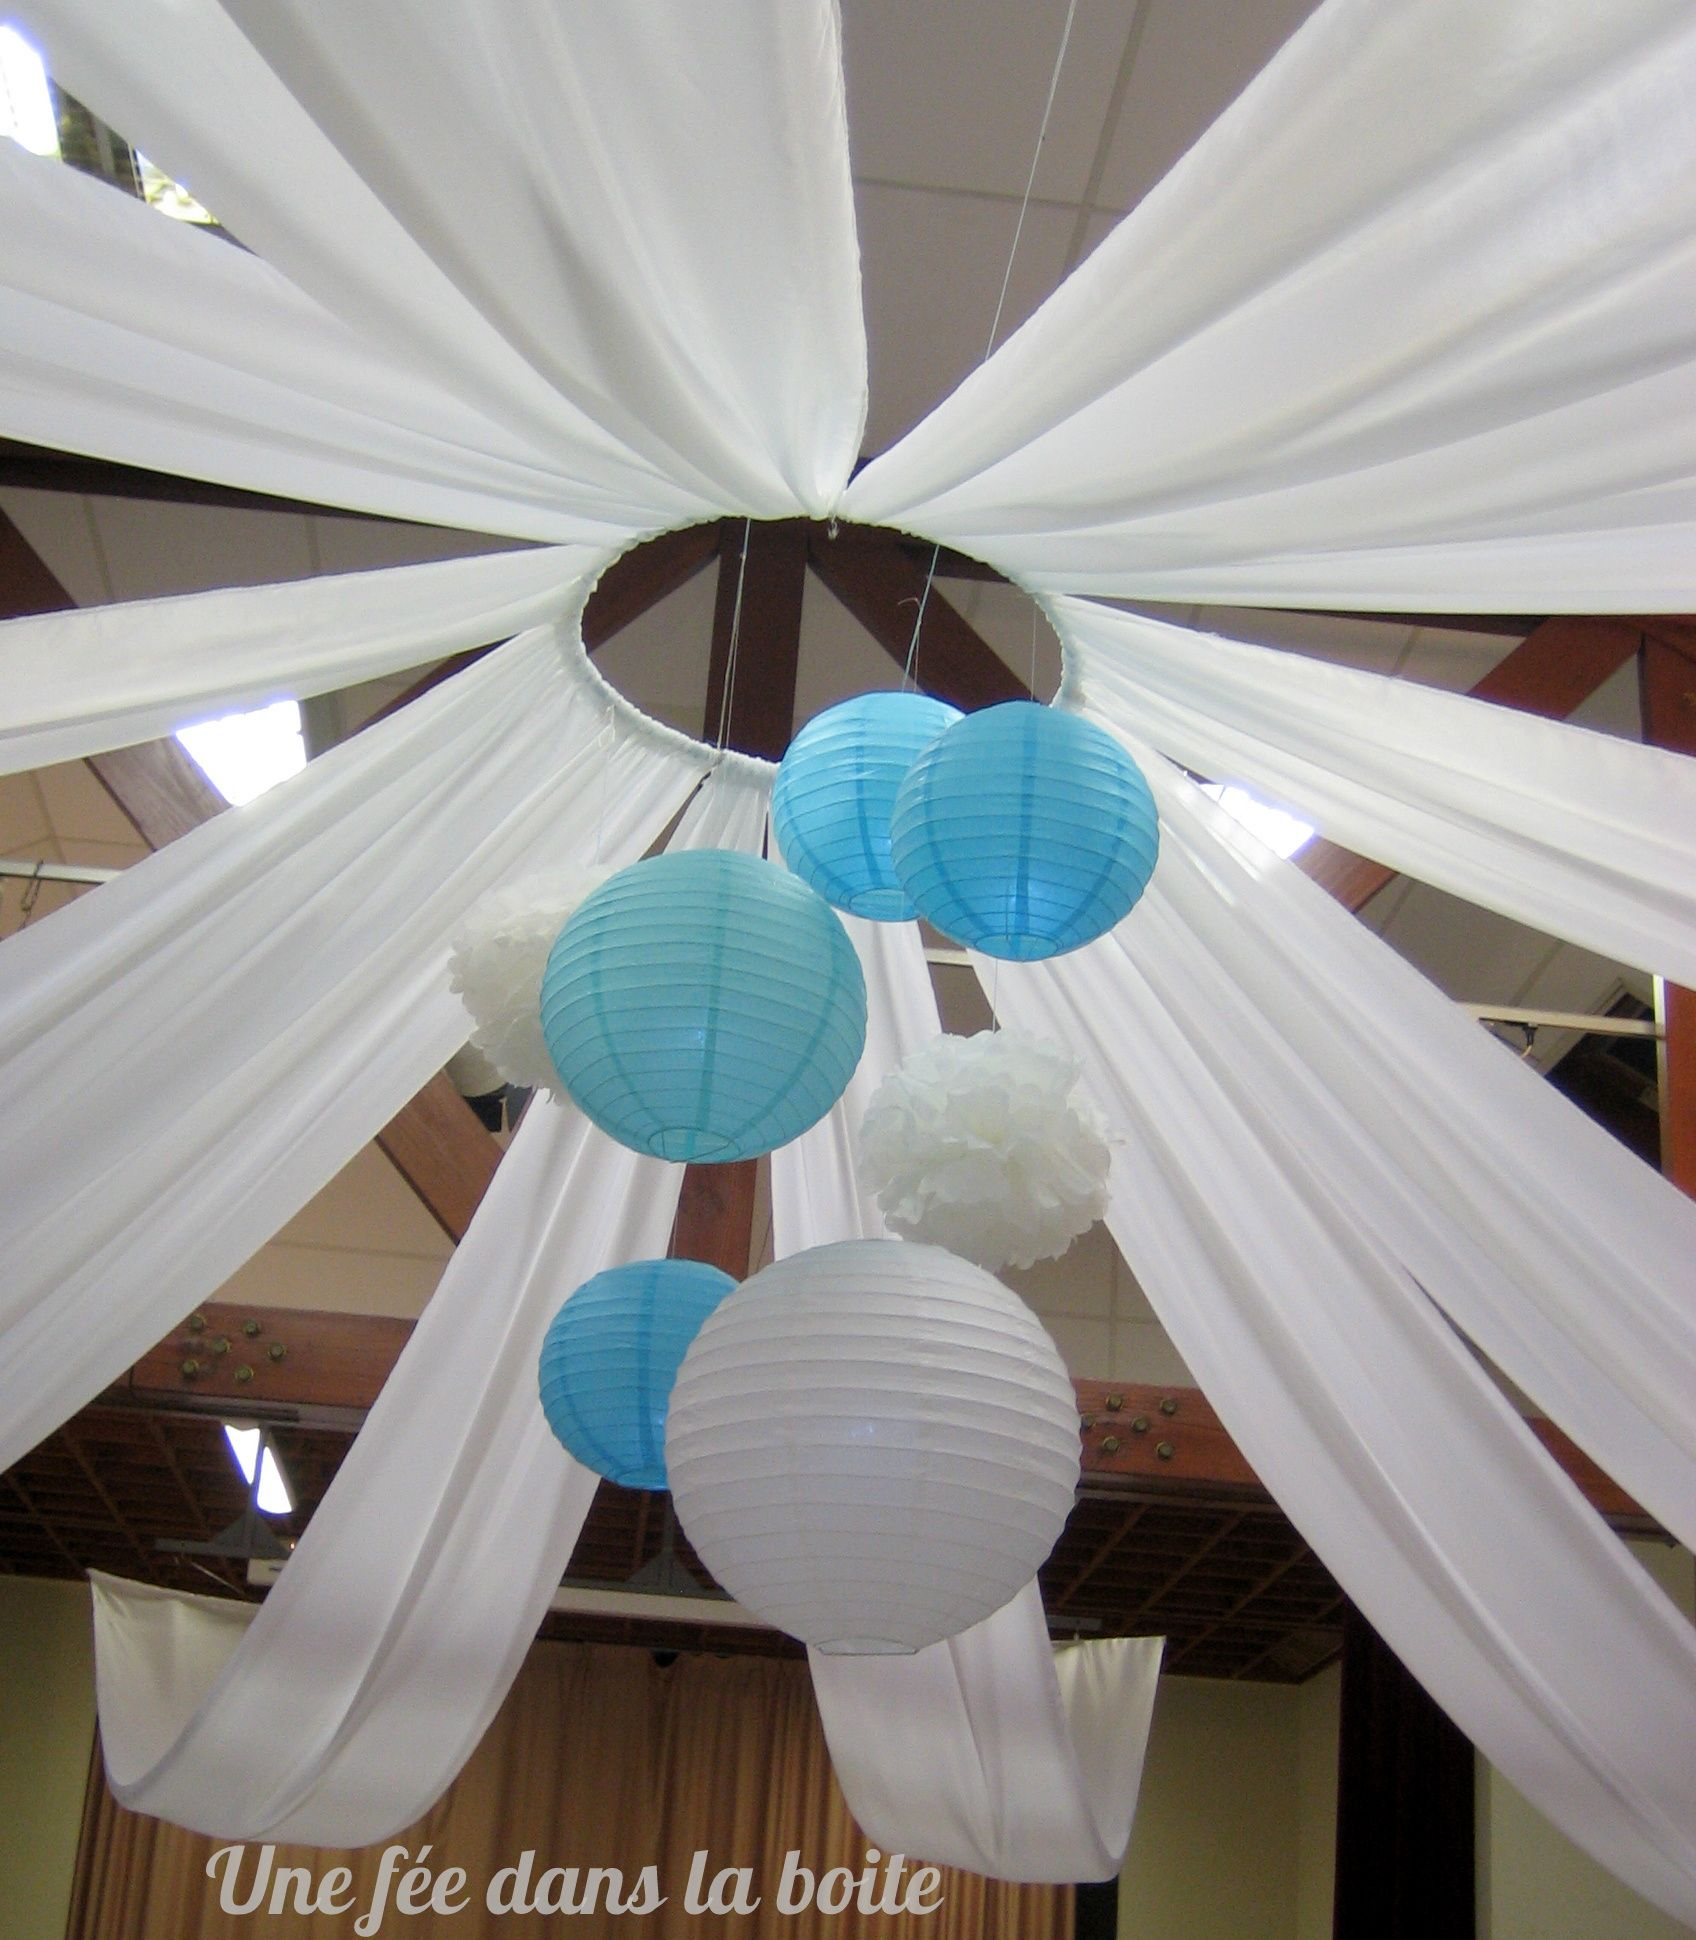 Wedding decorations tulle and lights  Mariage turquoise et blanc Pour égayer le plafond de jolies